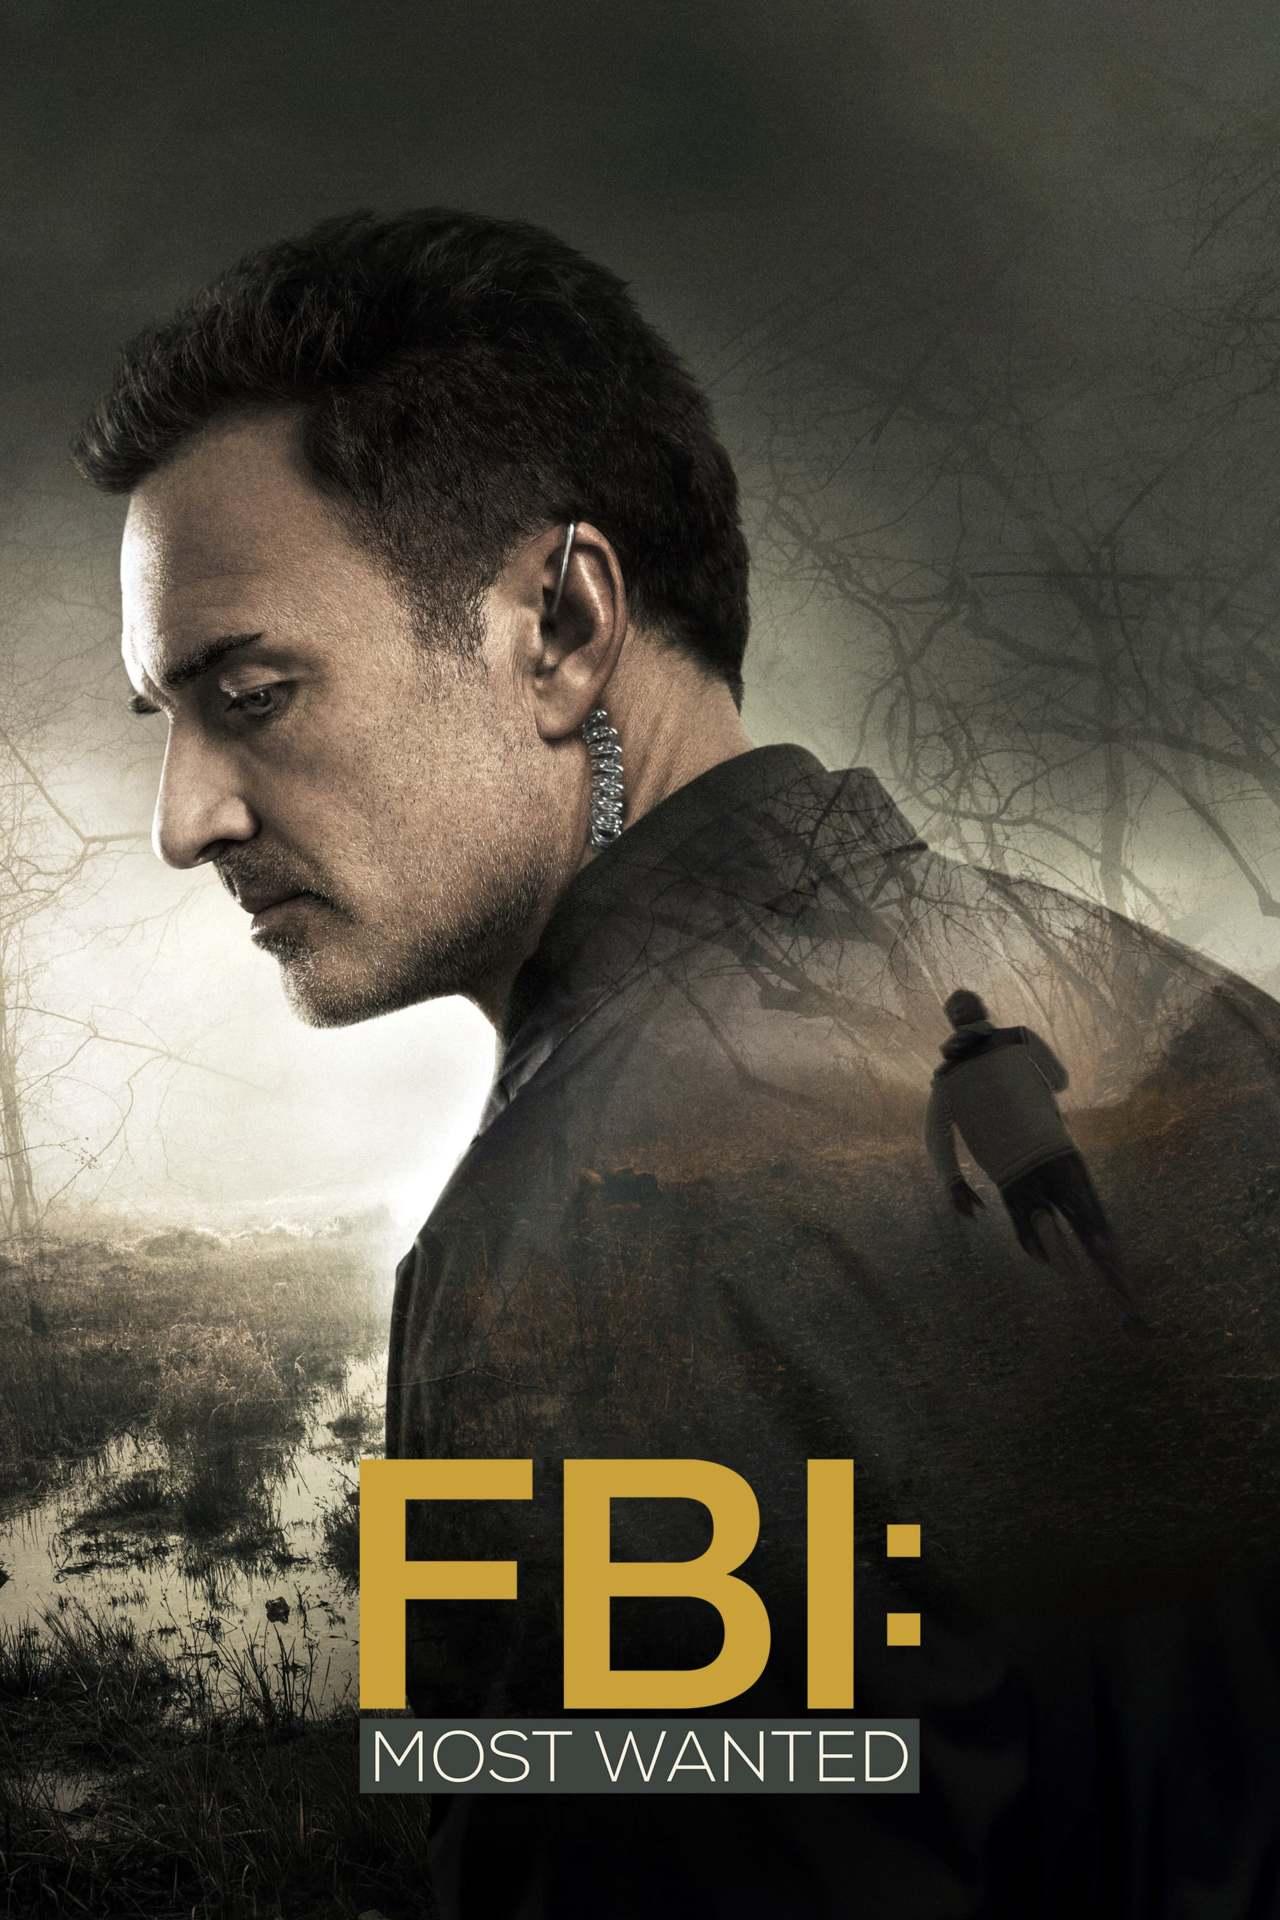 Постер фильма ФБР: Самые разыскиваемые преступники 2020